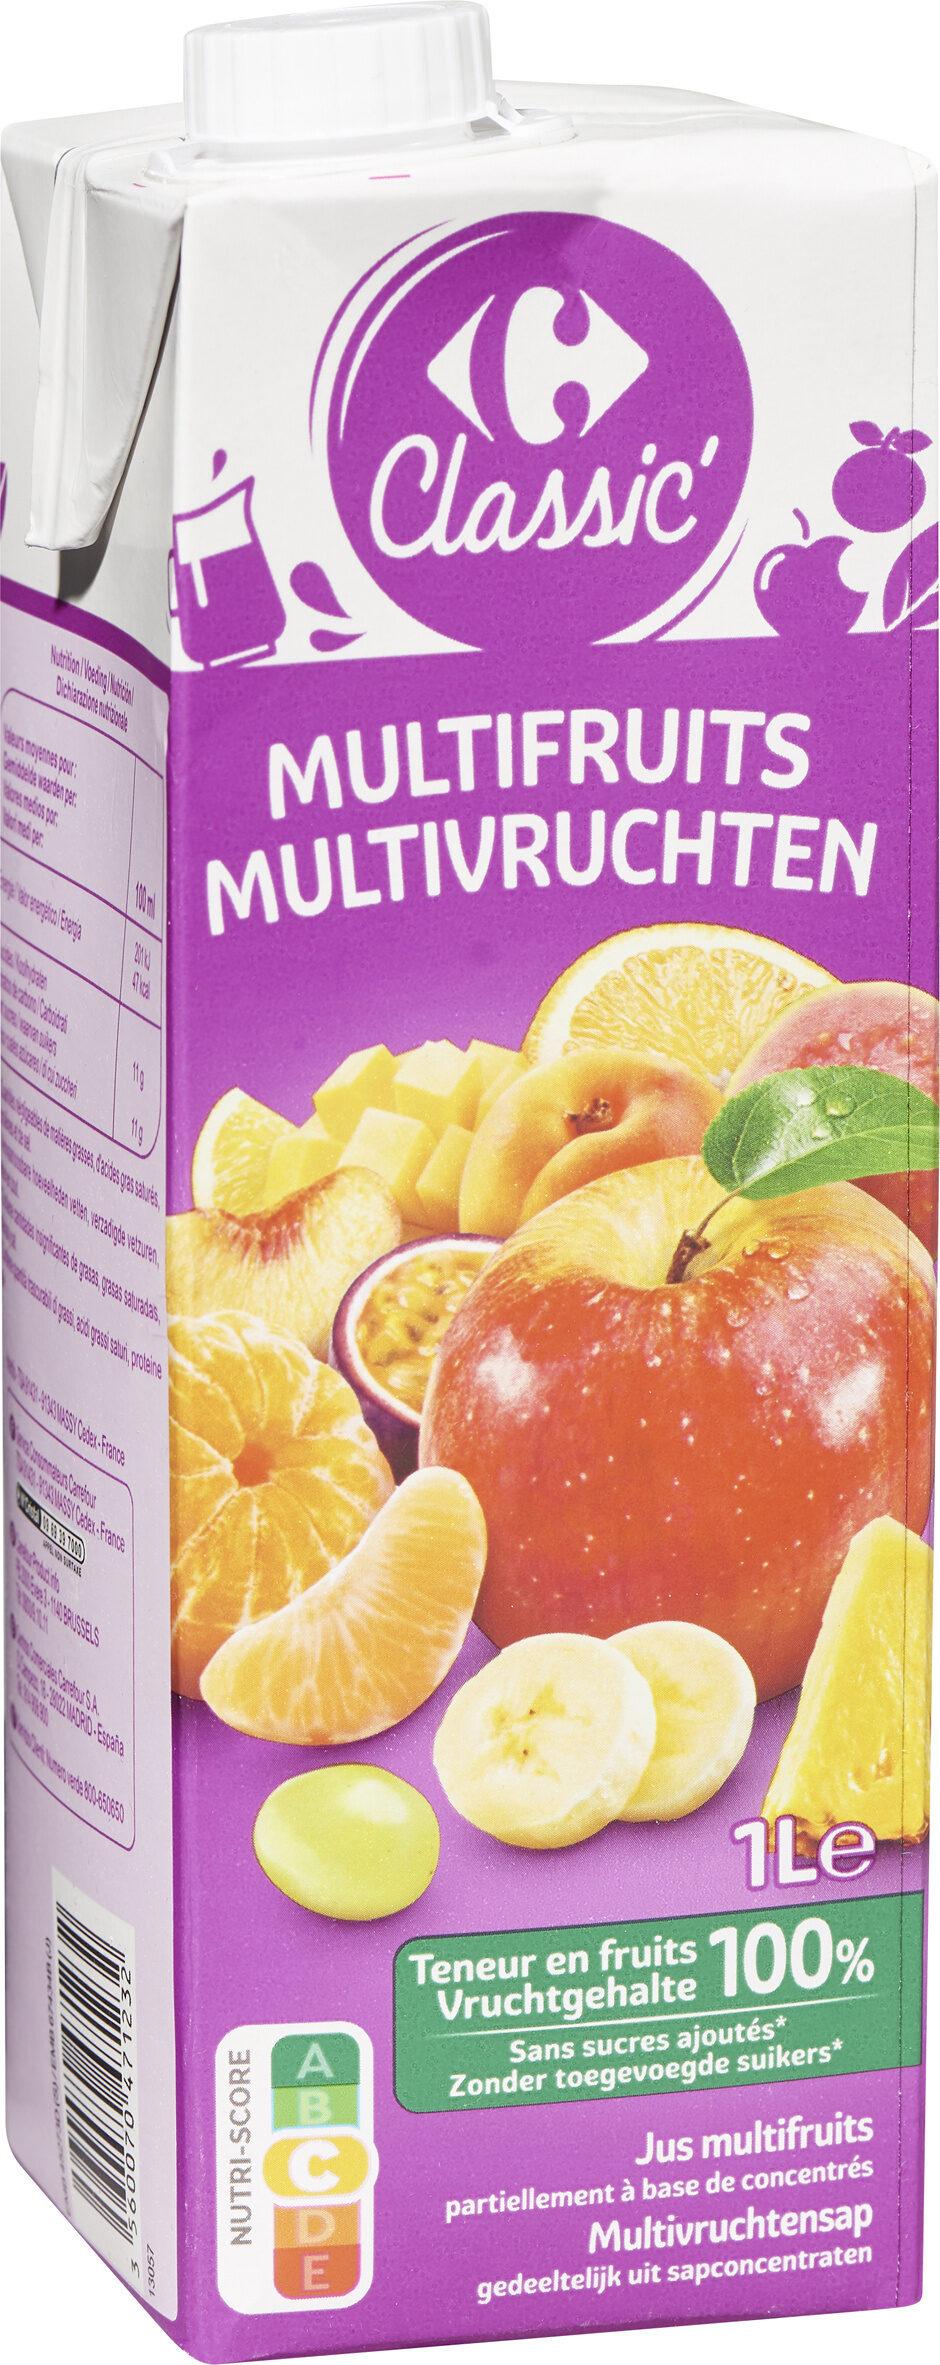 Multifruits - Prodotto - fr